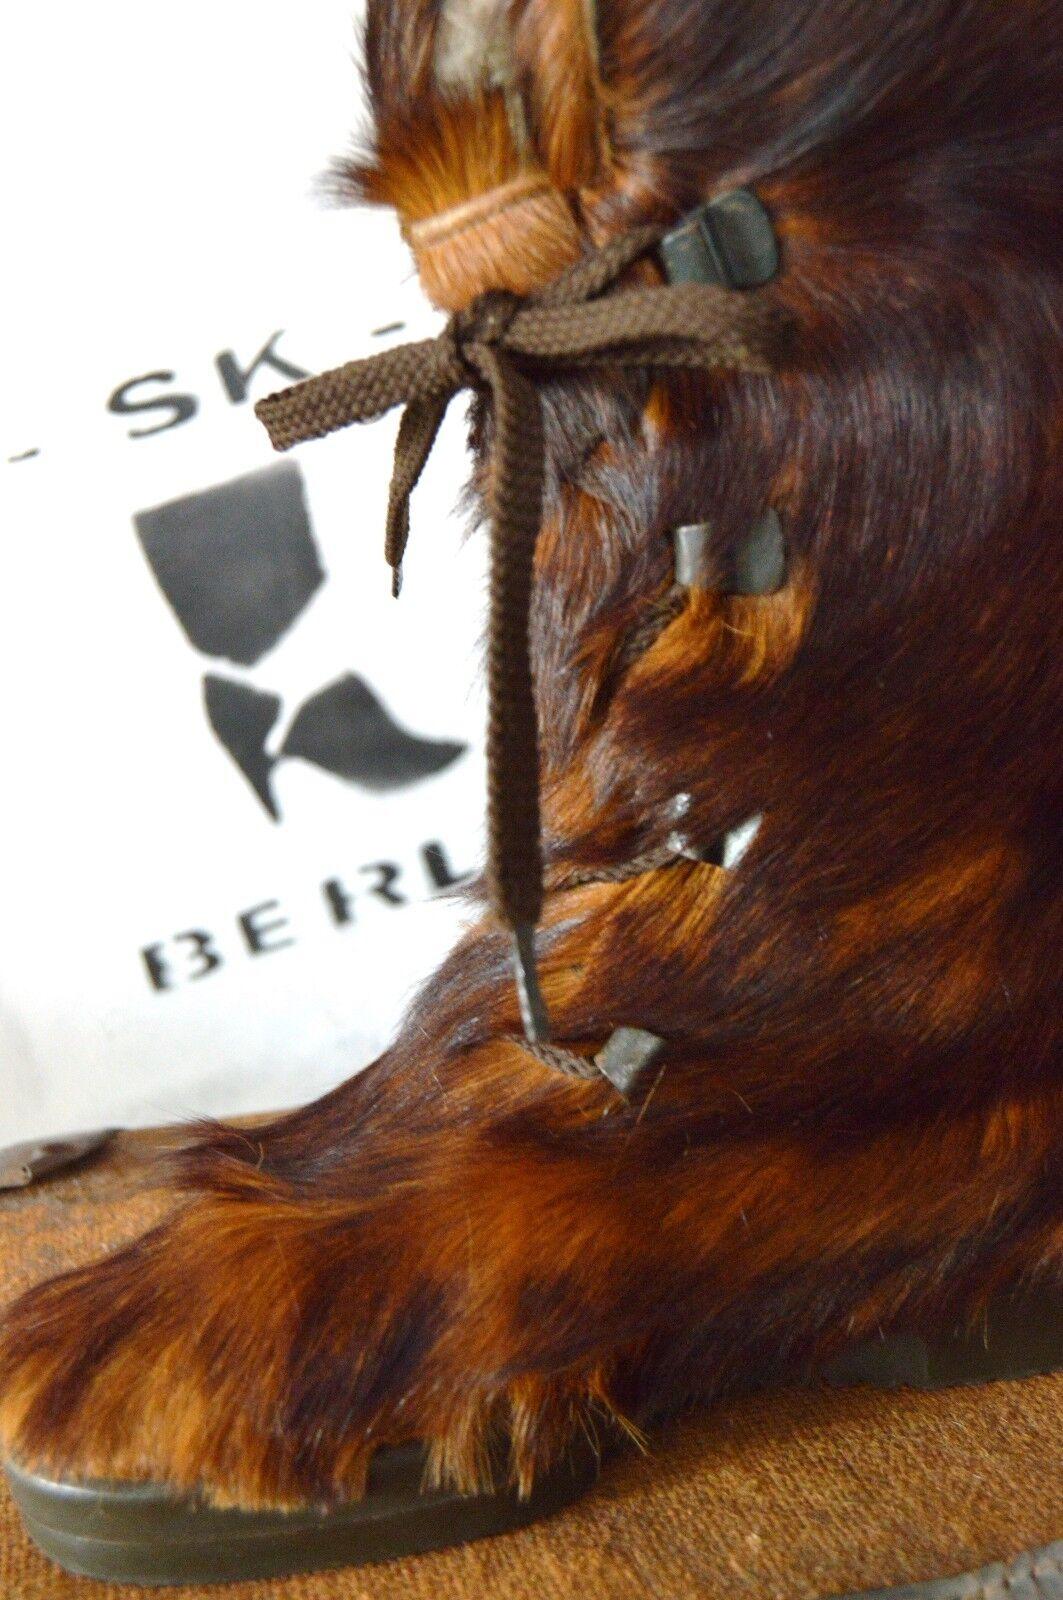 Nuevos mujeres, zapatos para hombres y mujeres, Nuevos descuento por tiempo limitado Botas de pelo Diadora yetistiefel botas True vintage botas de invierno snow Boots 46cbc9